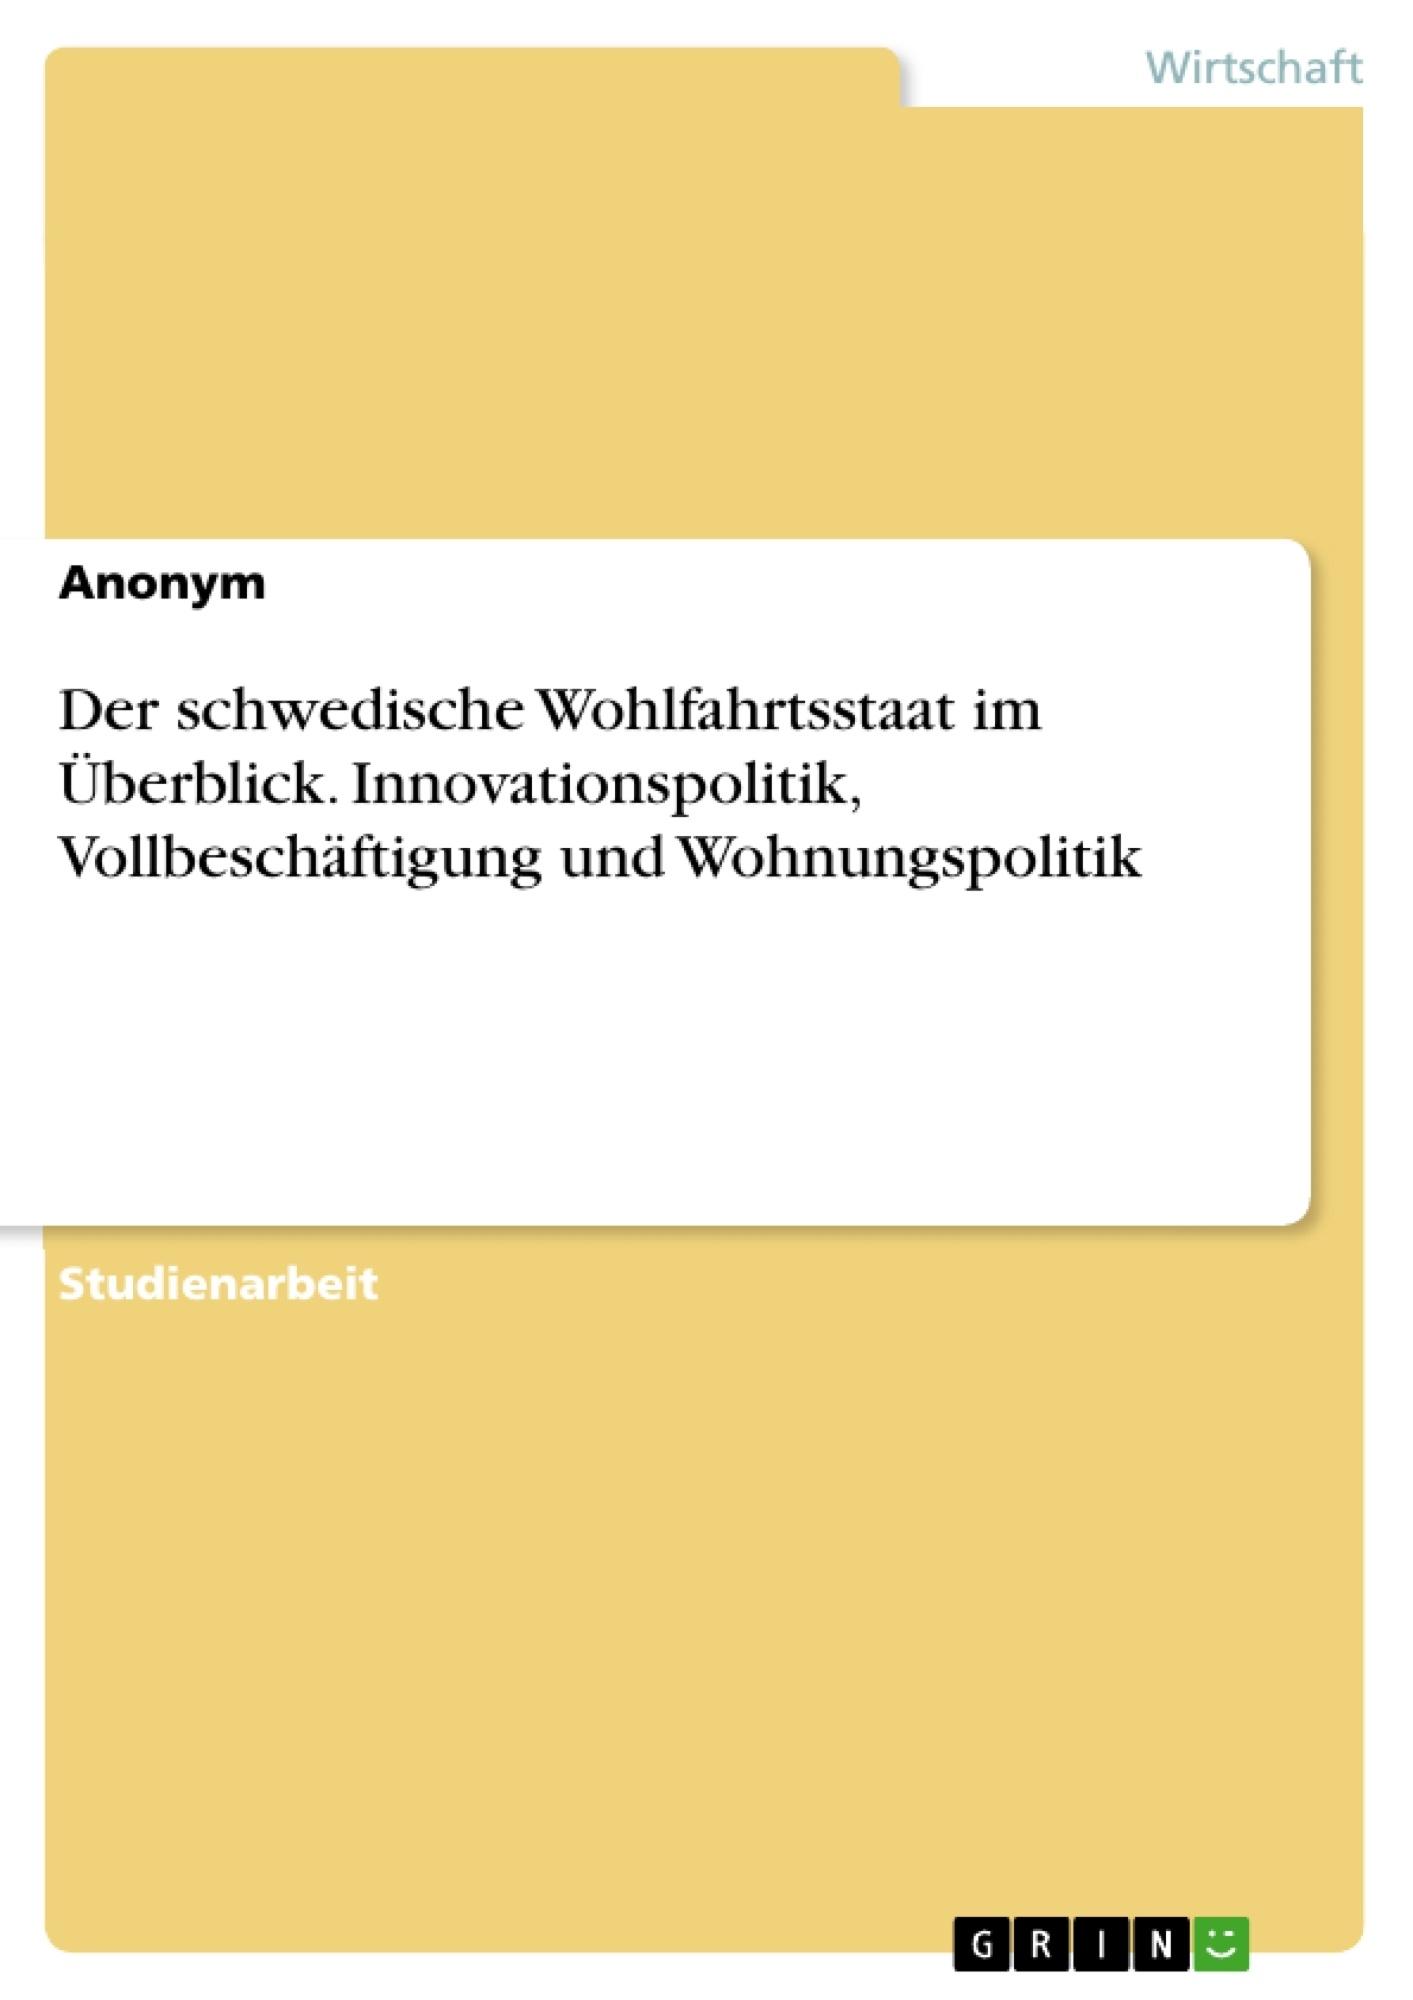 Titel: Der schwedische Wohlfahrtsstaat im Überblick. Innovationspolitik, Vollbeschäftigung und Wohnungspolitik